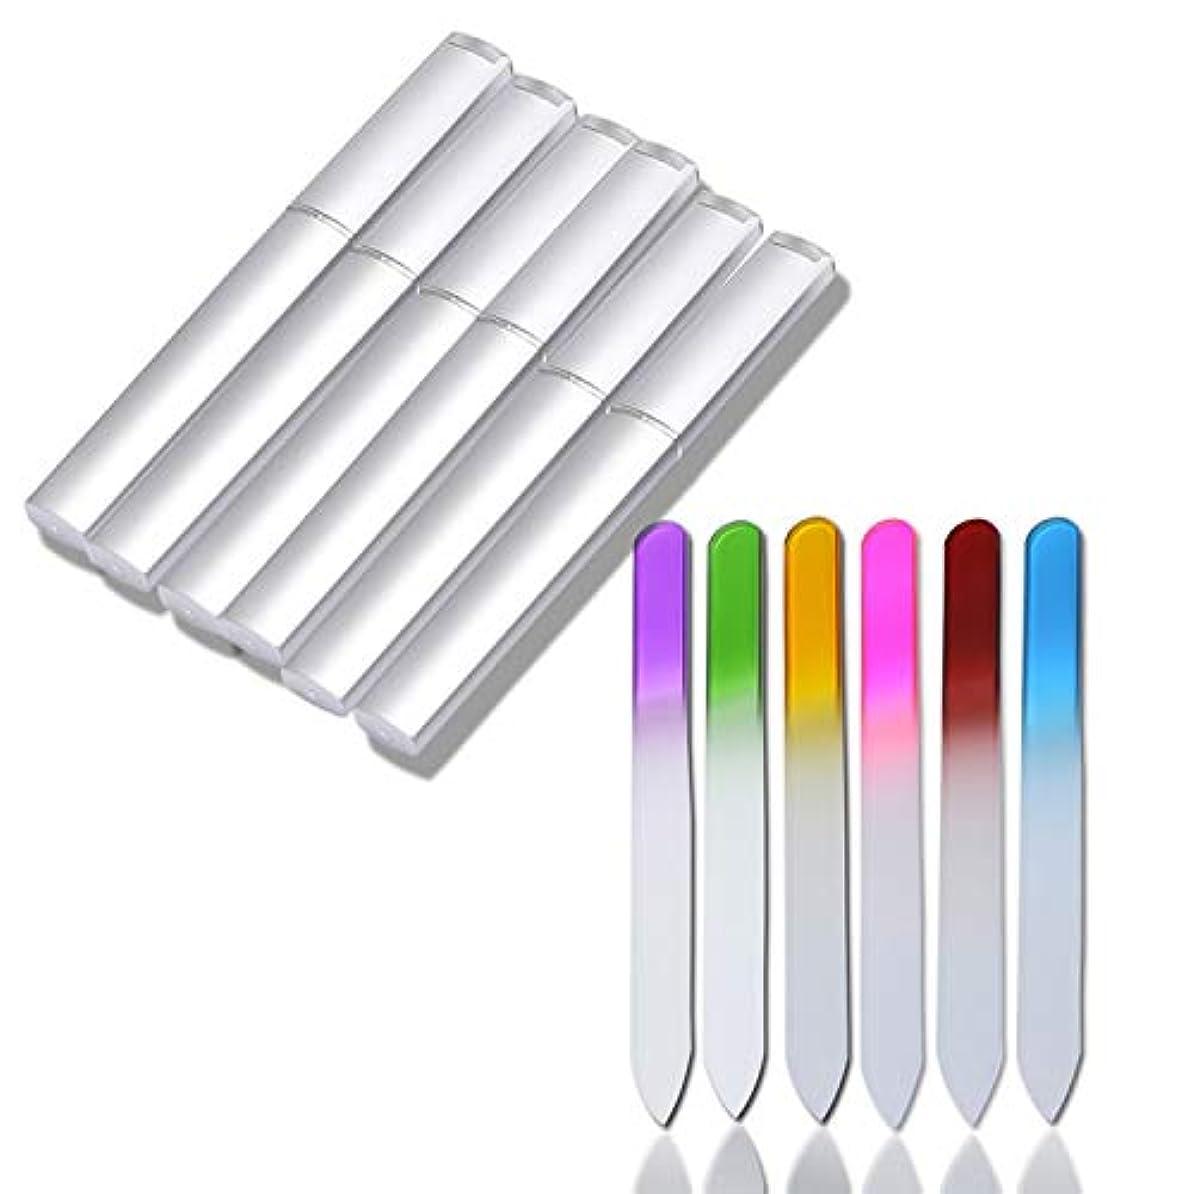 支配的シチリアディプロマサリーの店 プリーツクリスタルガラスネイルファイルは、自然とアクリルの爪のケアのための両面爪ファイルを設定